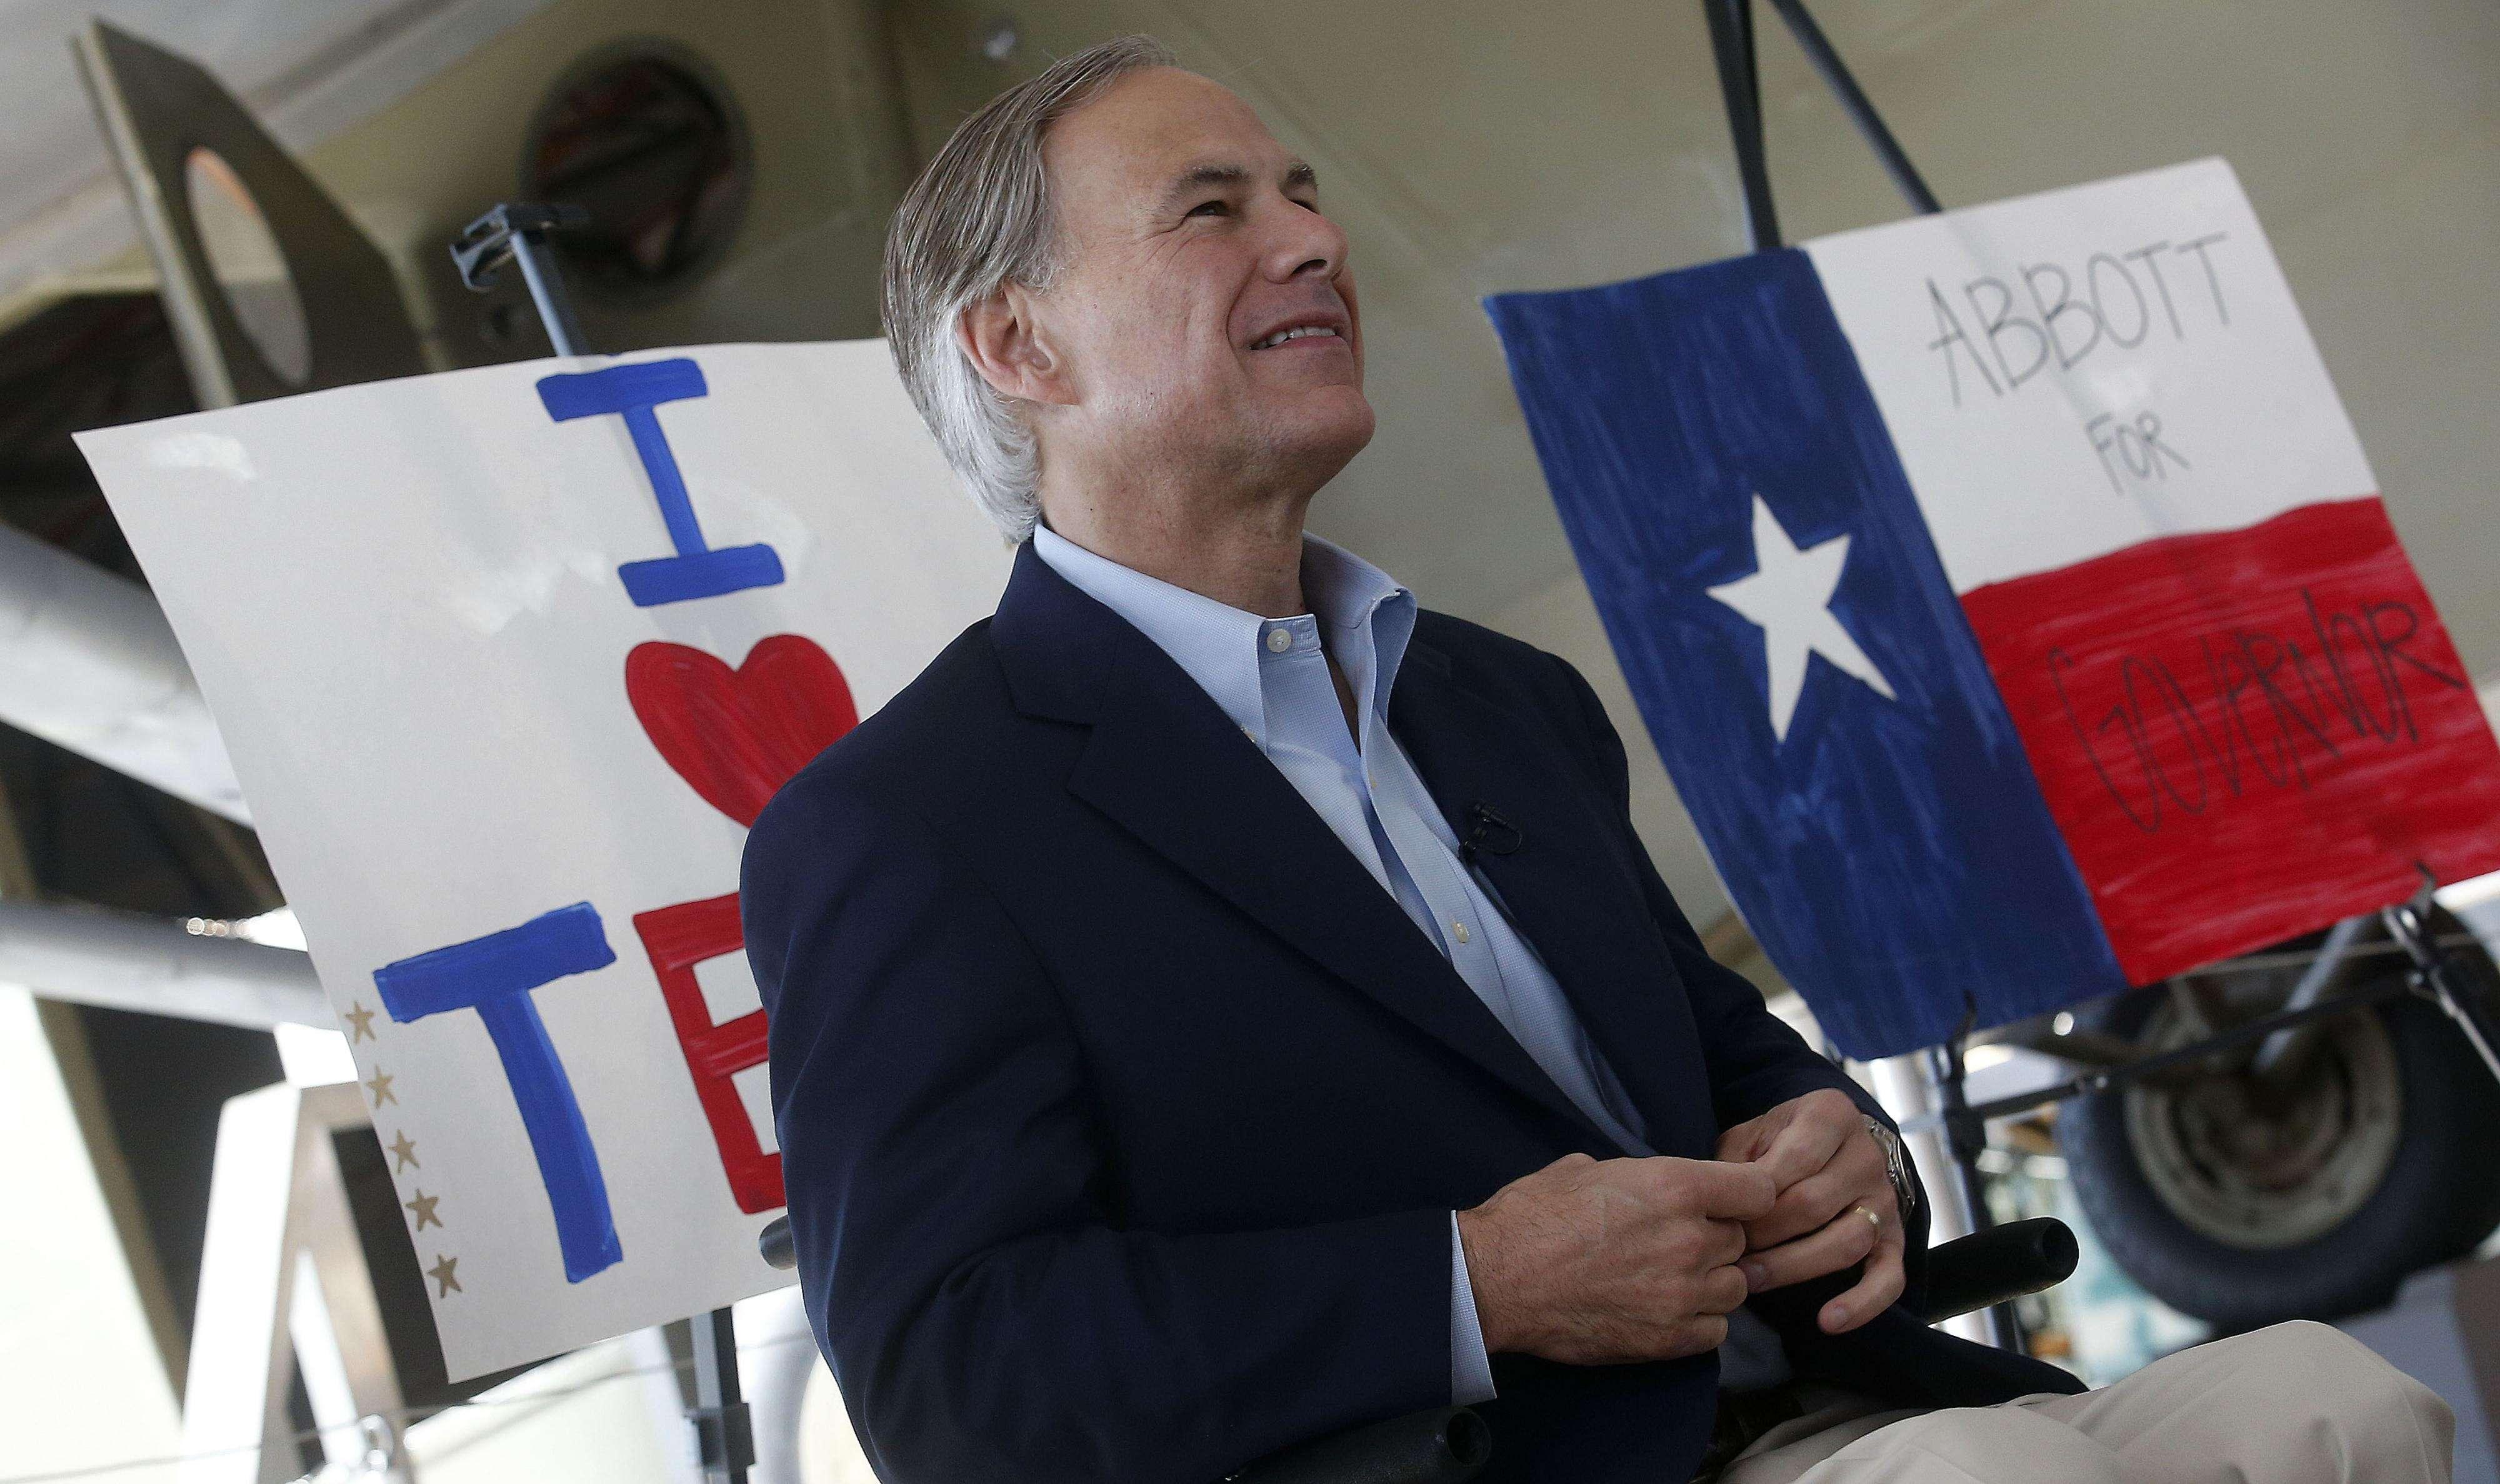 El candidato republicano Greg Abott durante un acto de campaña en Lubbock, Texas, el 28 de octubre de 2014. Foto: AP en español